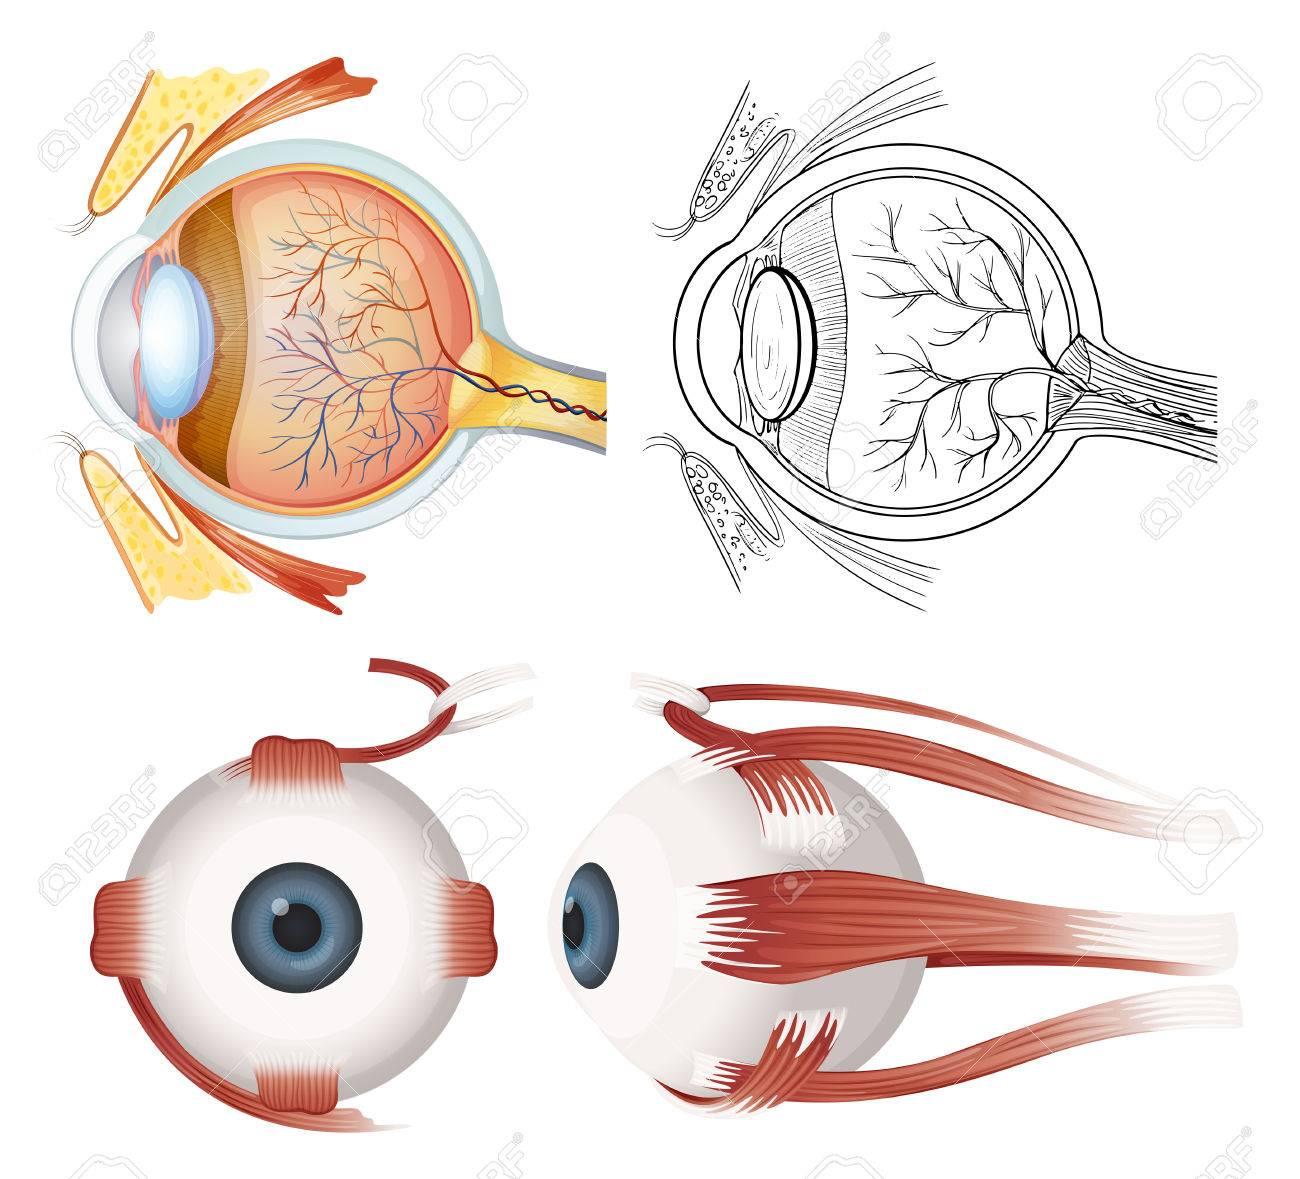 Anatomie Des Menschlichen Auges Auf Weißem Hintergrund Lizenzfrei ...